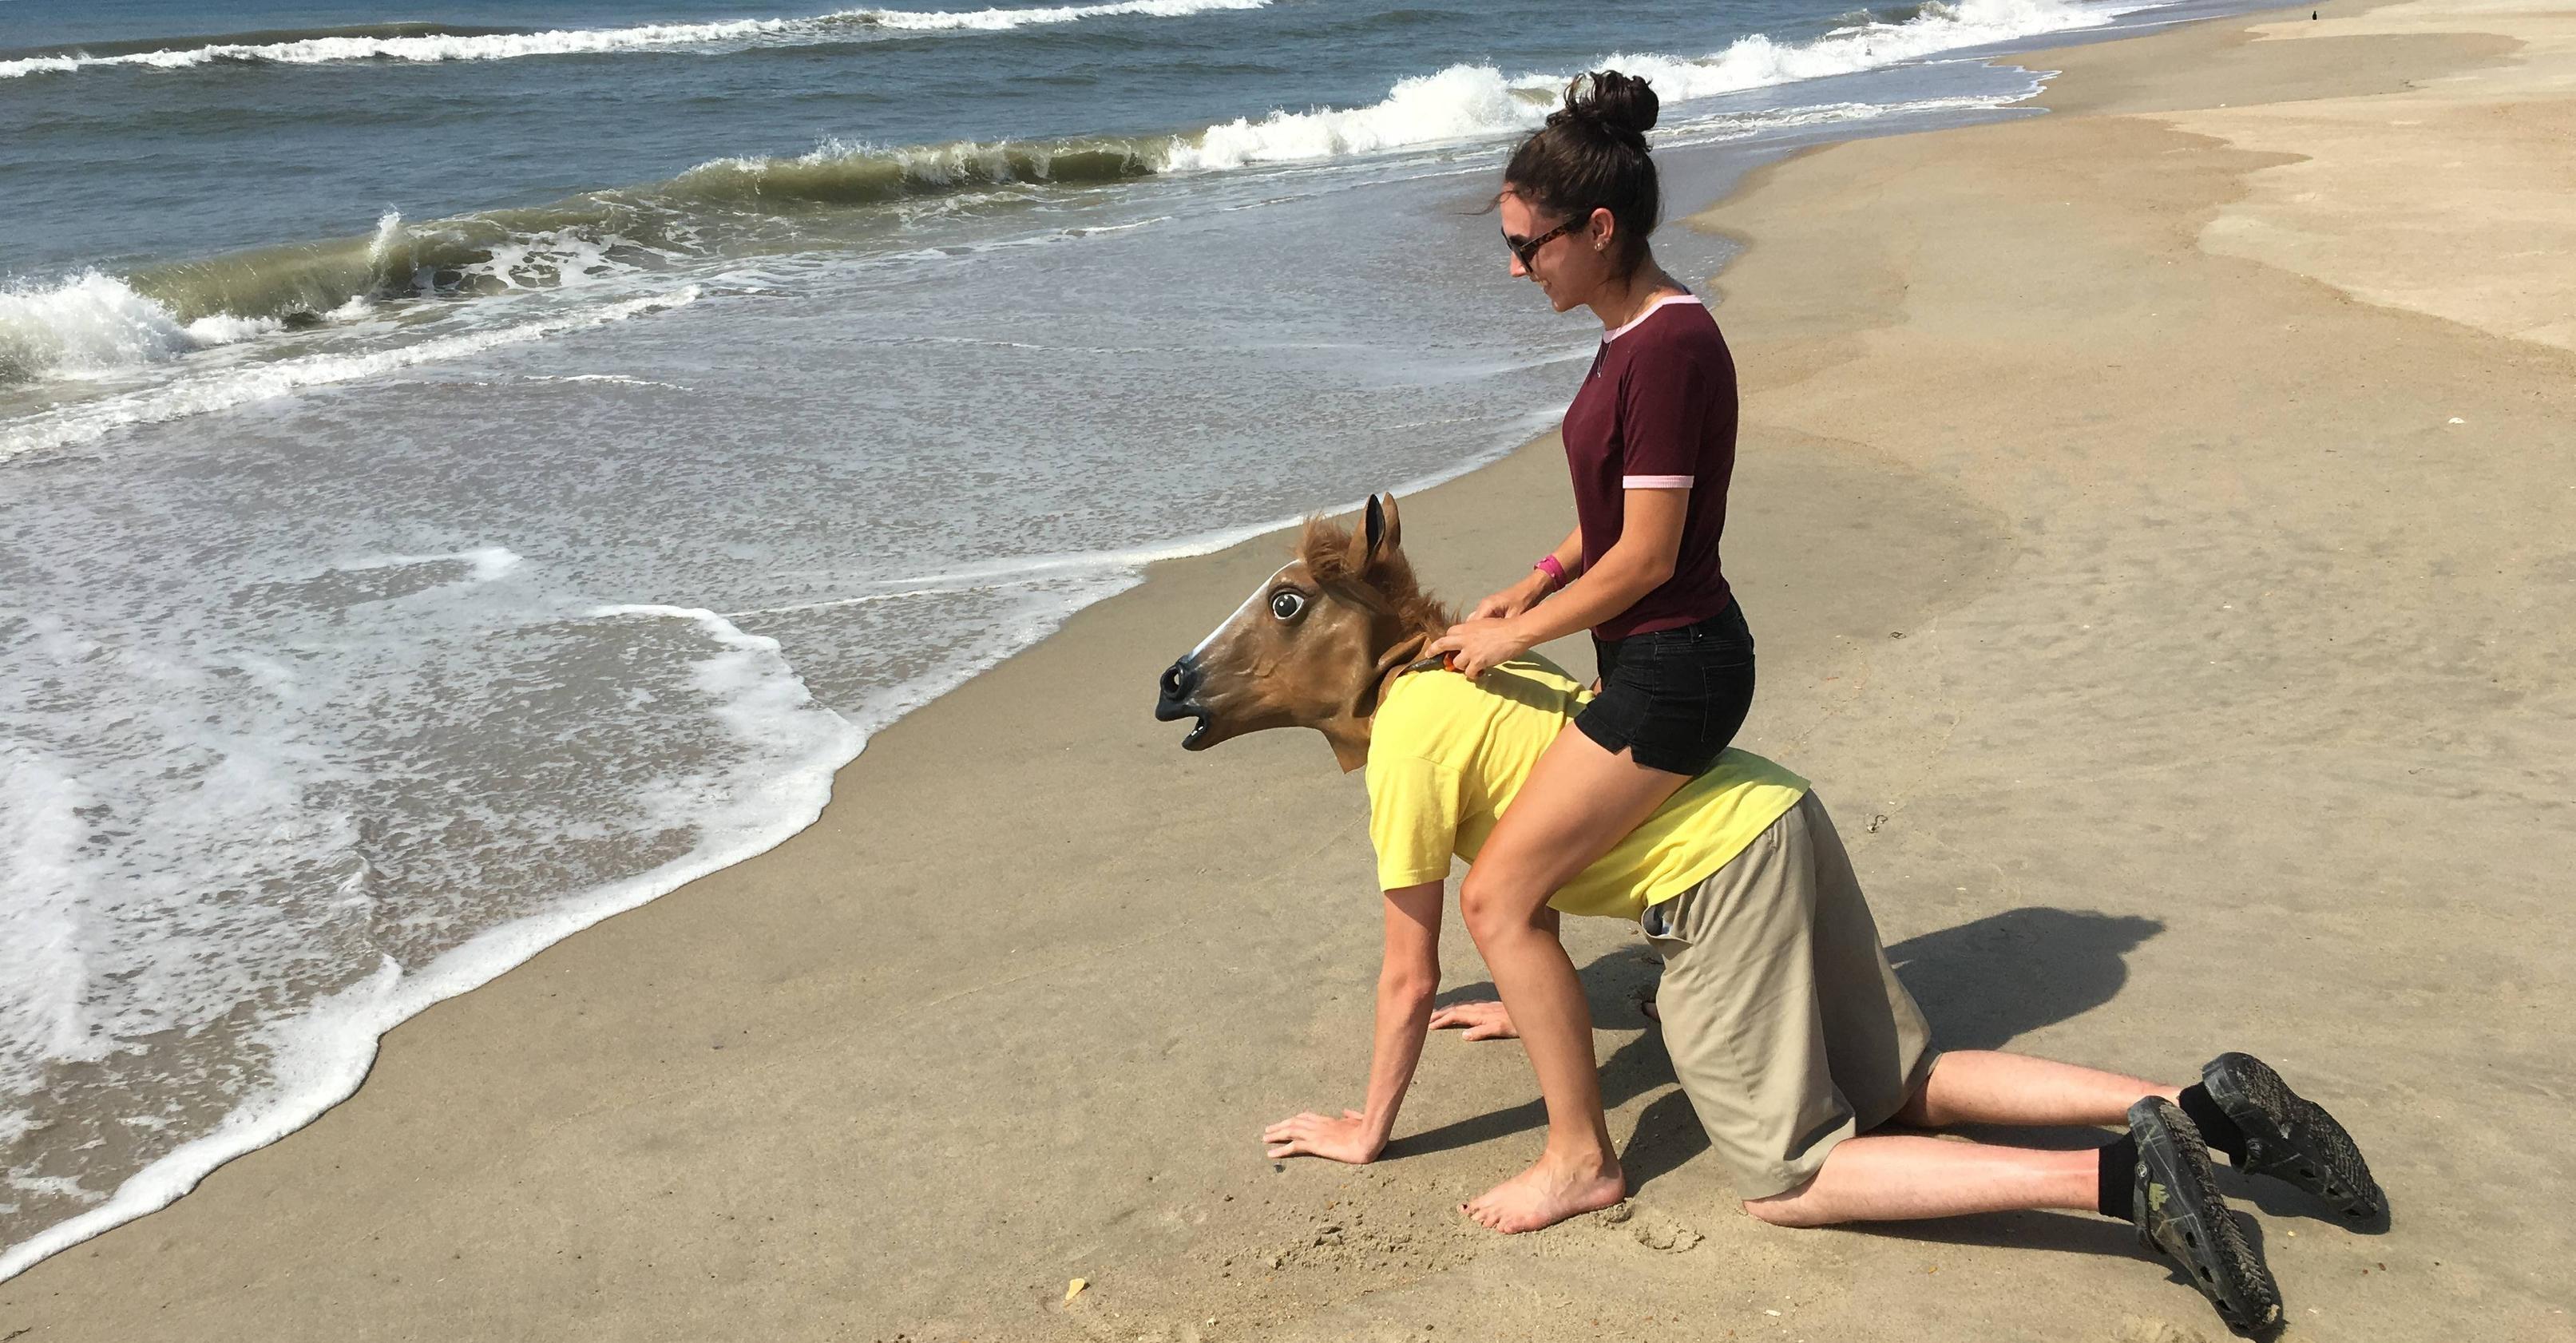 Пляж отличное место для интима. Секс на пляже - лучшие фото